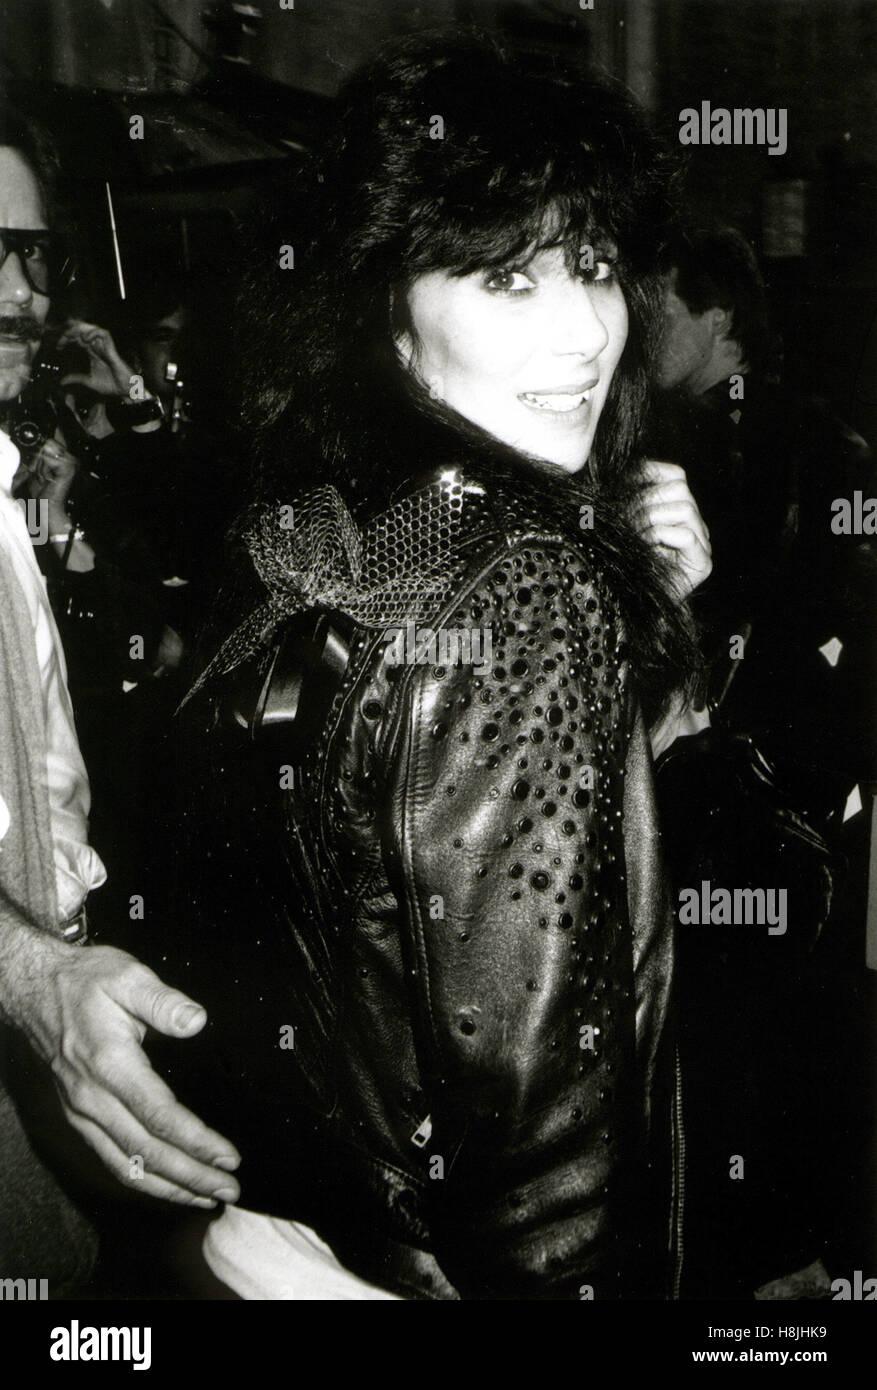 Cher 1986 asiste a los premios Tony, nyc © Walter mcbride / Fotografía / mediapunch wm. Imagen De Stock